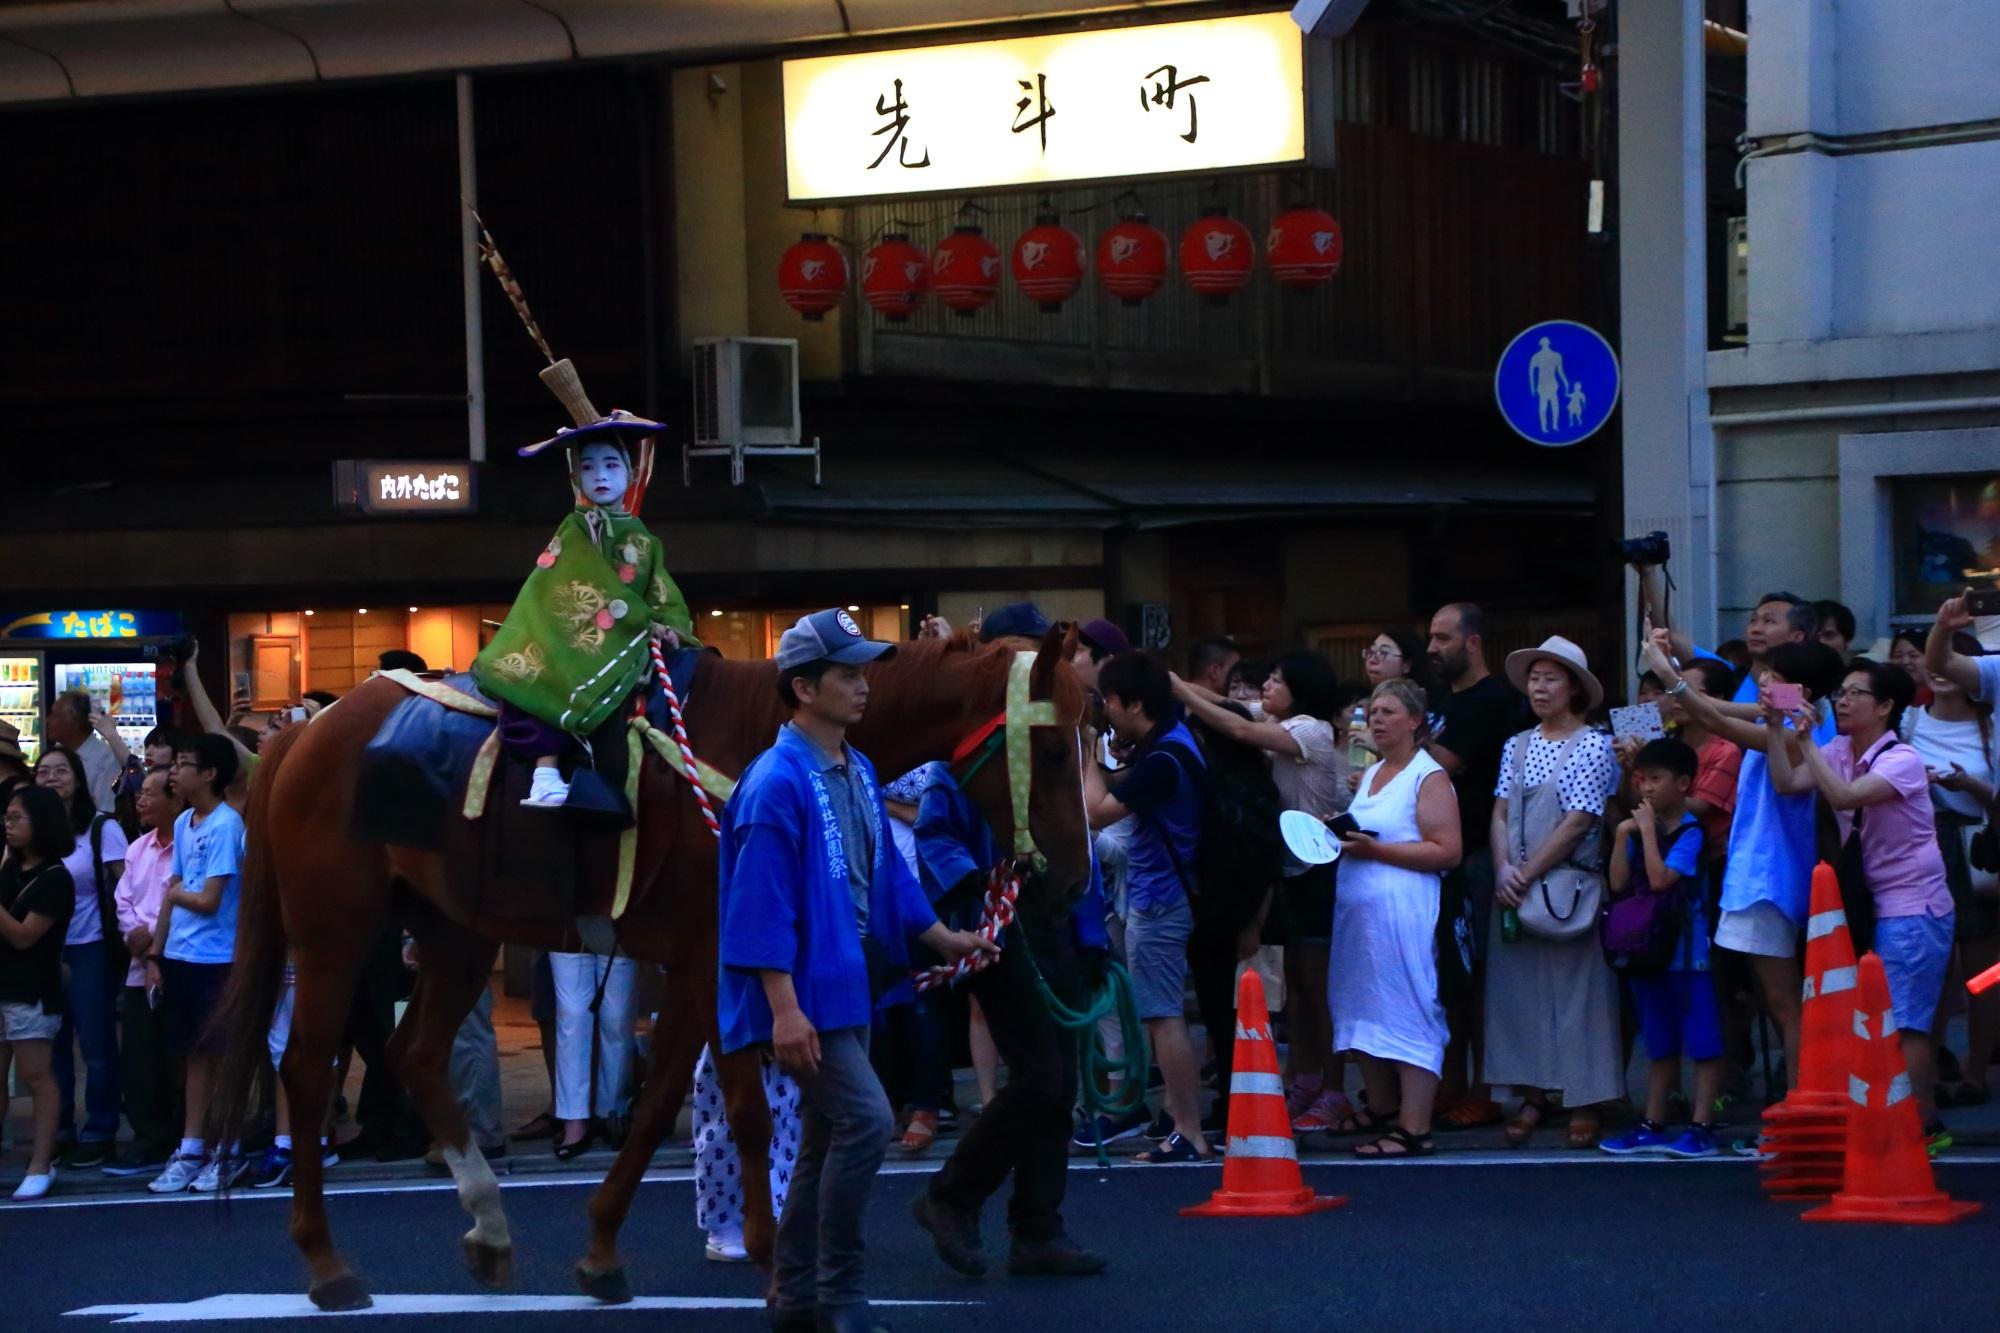 祇園祭のお迎提灯の巡行